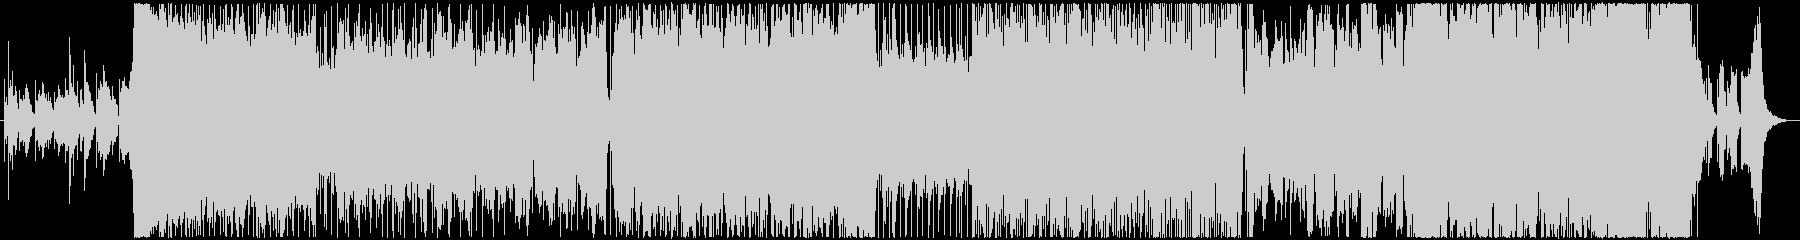 アニメOP/ED、6/8拍子短調、切ないの未再生の波形